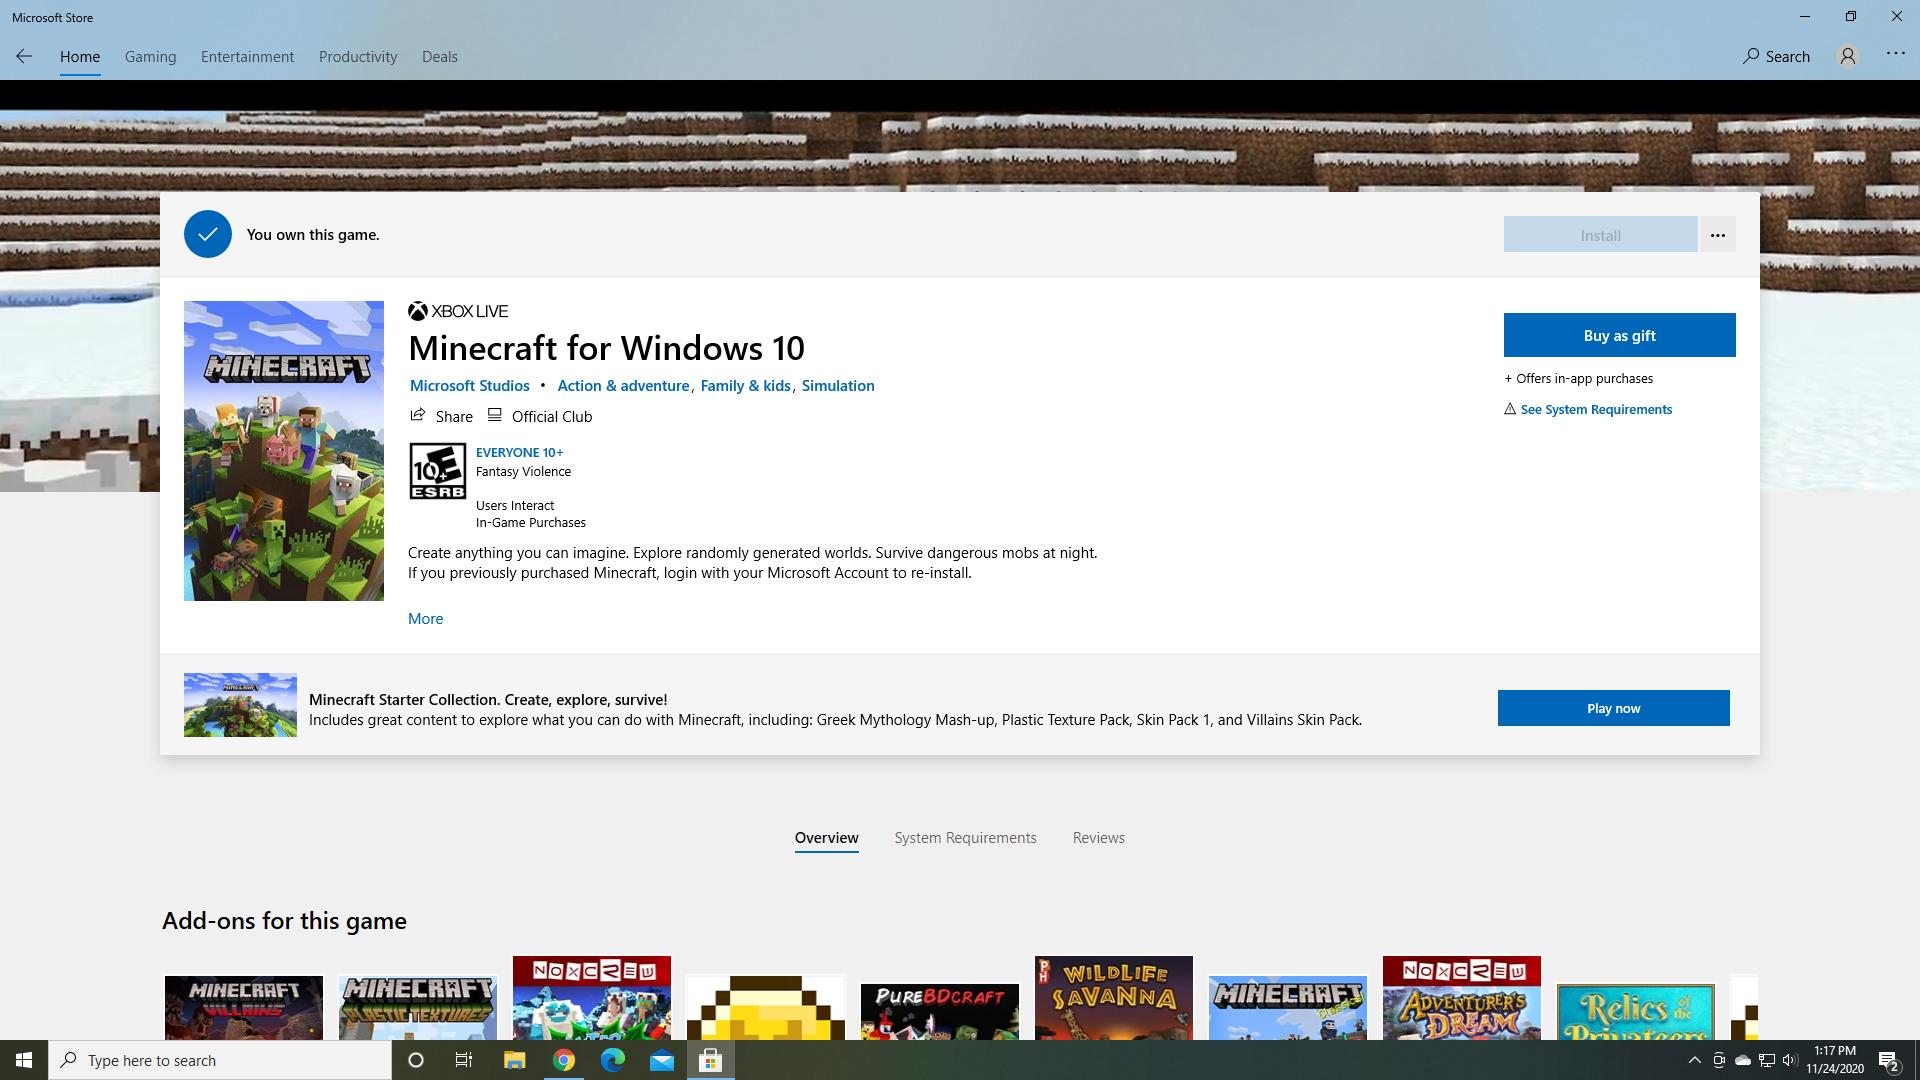 Cant Install Minecraft Windows 10 but I own it 09245592-3a2f-4b52-adda-8d69c9cfc9b7?upload=true.png